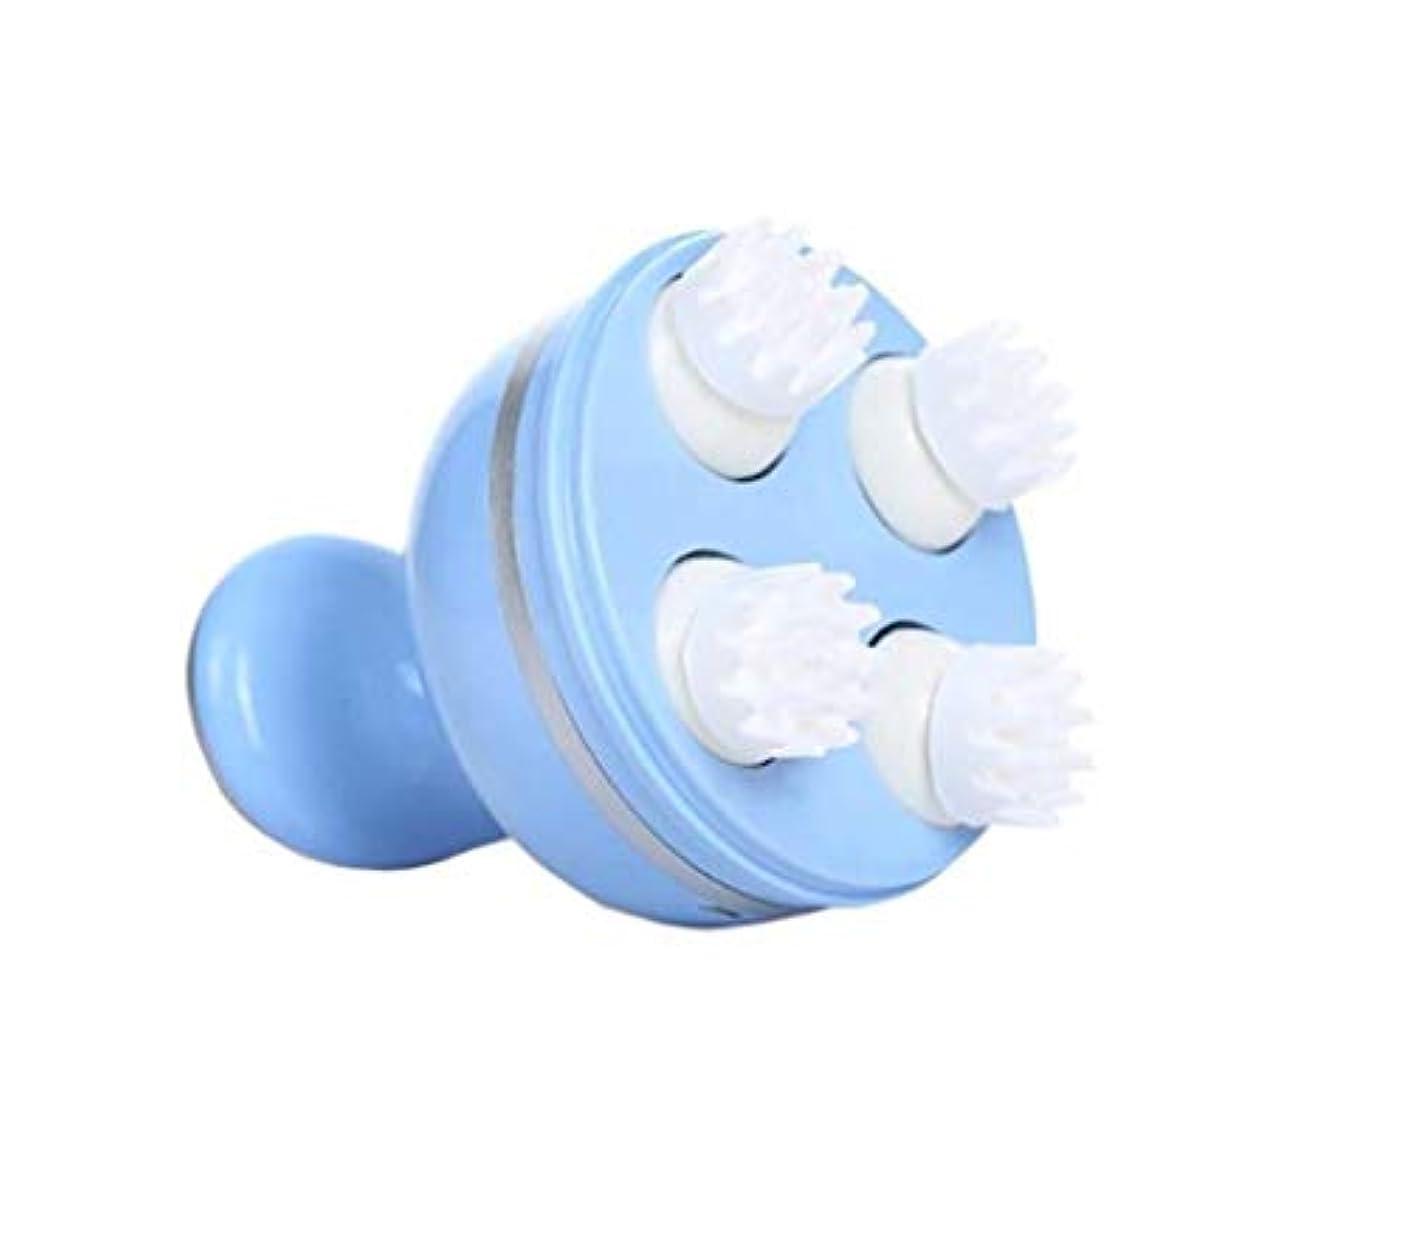 闘争信頼できる発信マッサージャー、電動ハンドヘルドヘッドマッサージャー、取り外し可能な多機能サイレントマッサージ、USB充電、持ち運びが簡単 (Color : 青)